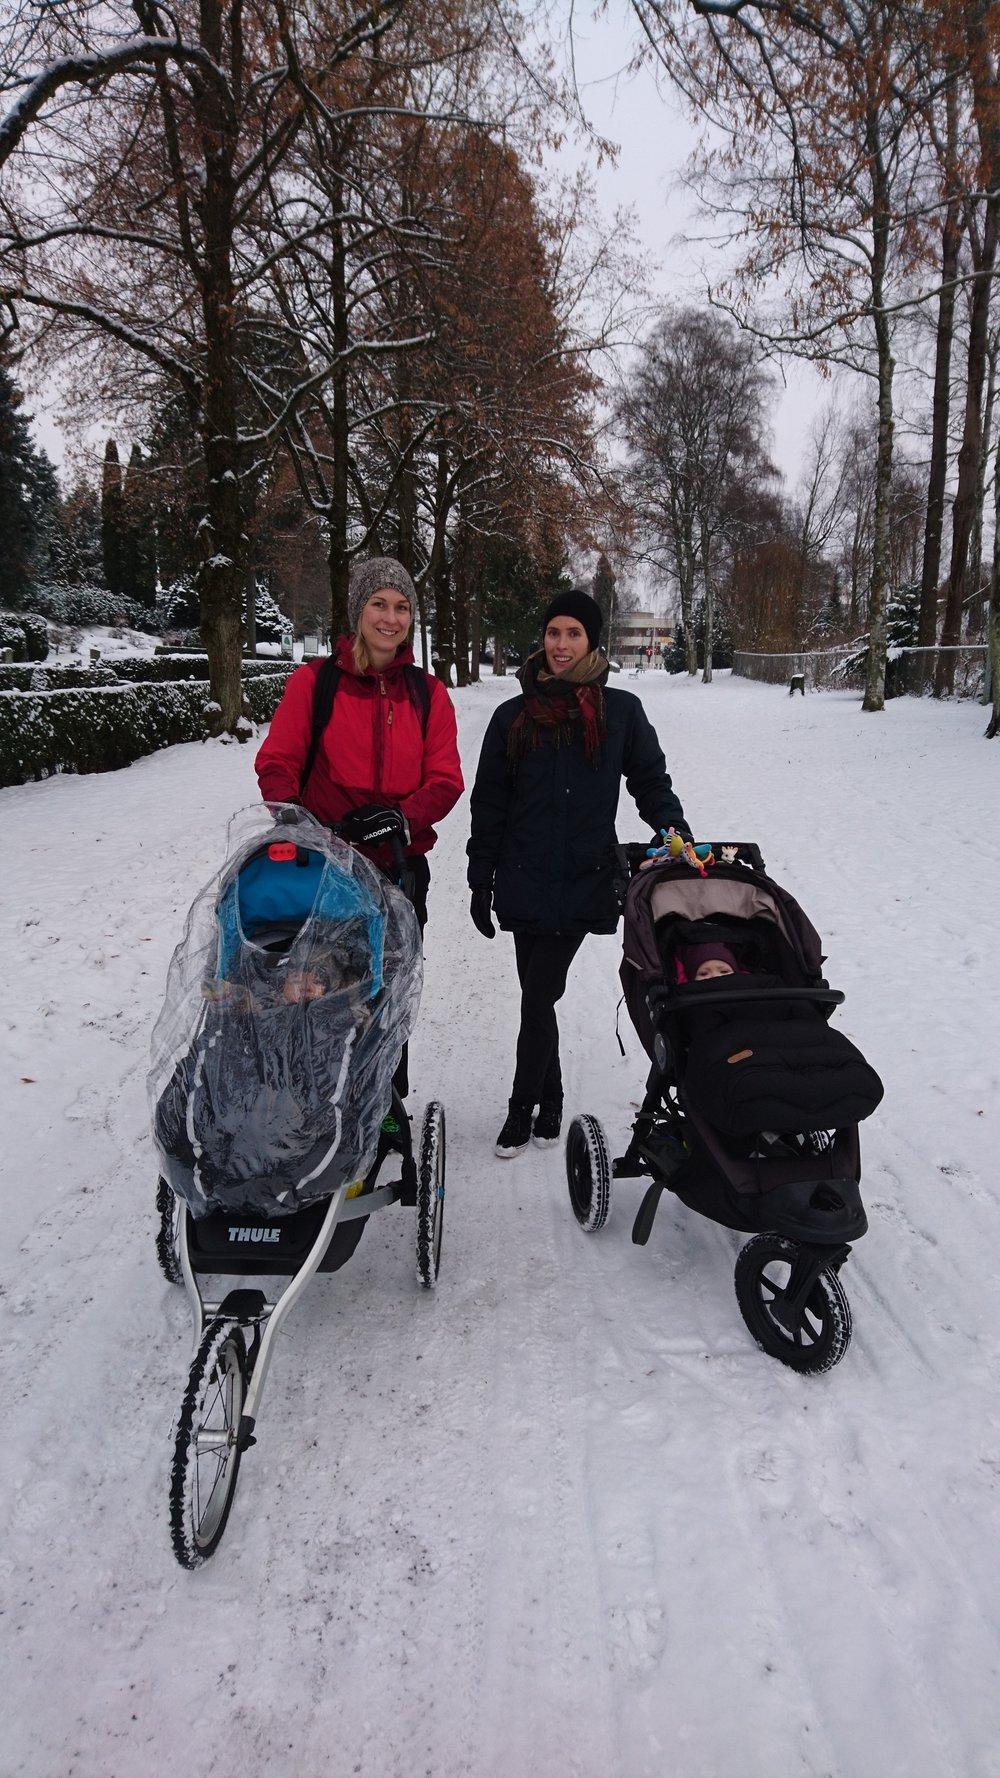 Fra venstre Ida K. Haugen og Elisabeth Mulrooney som nylig fikk midler til studier av smerte ved håndartrose i et biopsykososialt perspektiv. Med på oppstartsmøtet var også to mulige fremtidige forskerspirer i barnevogn, Sverre og Astrid! Dessuten, for mange kjent fra her på bloggen, Karin Magnusson (fotograf), som også vil bidra i prosjektet. www.forskerlivet.no